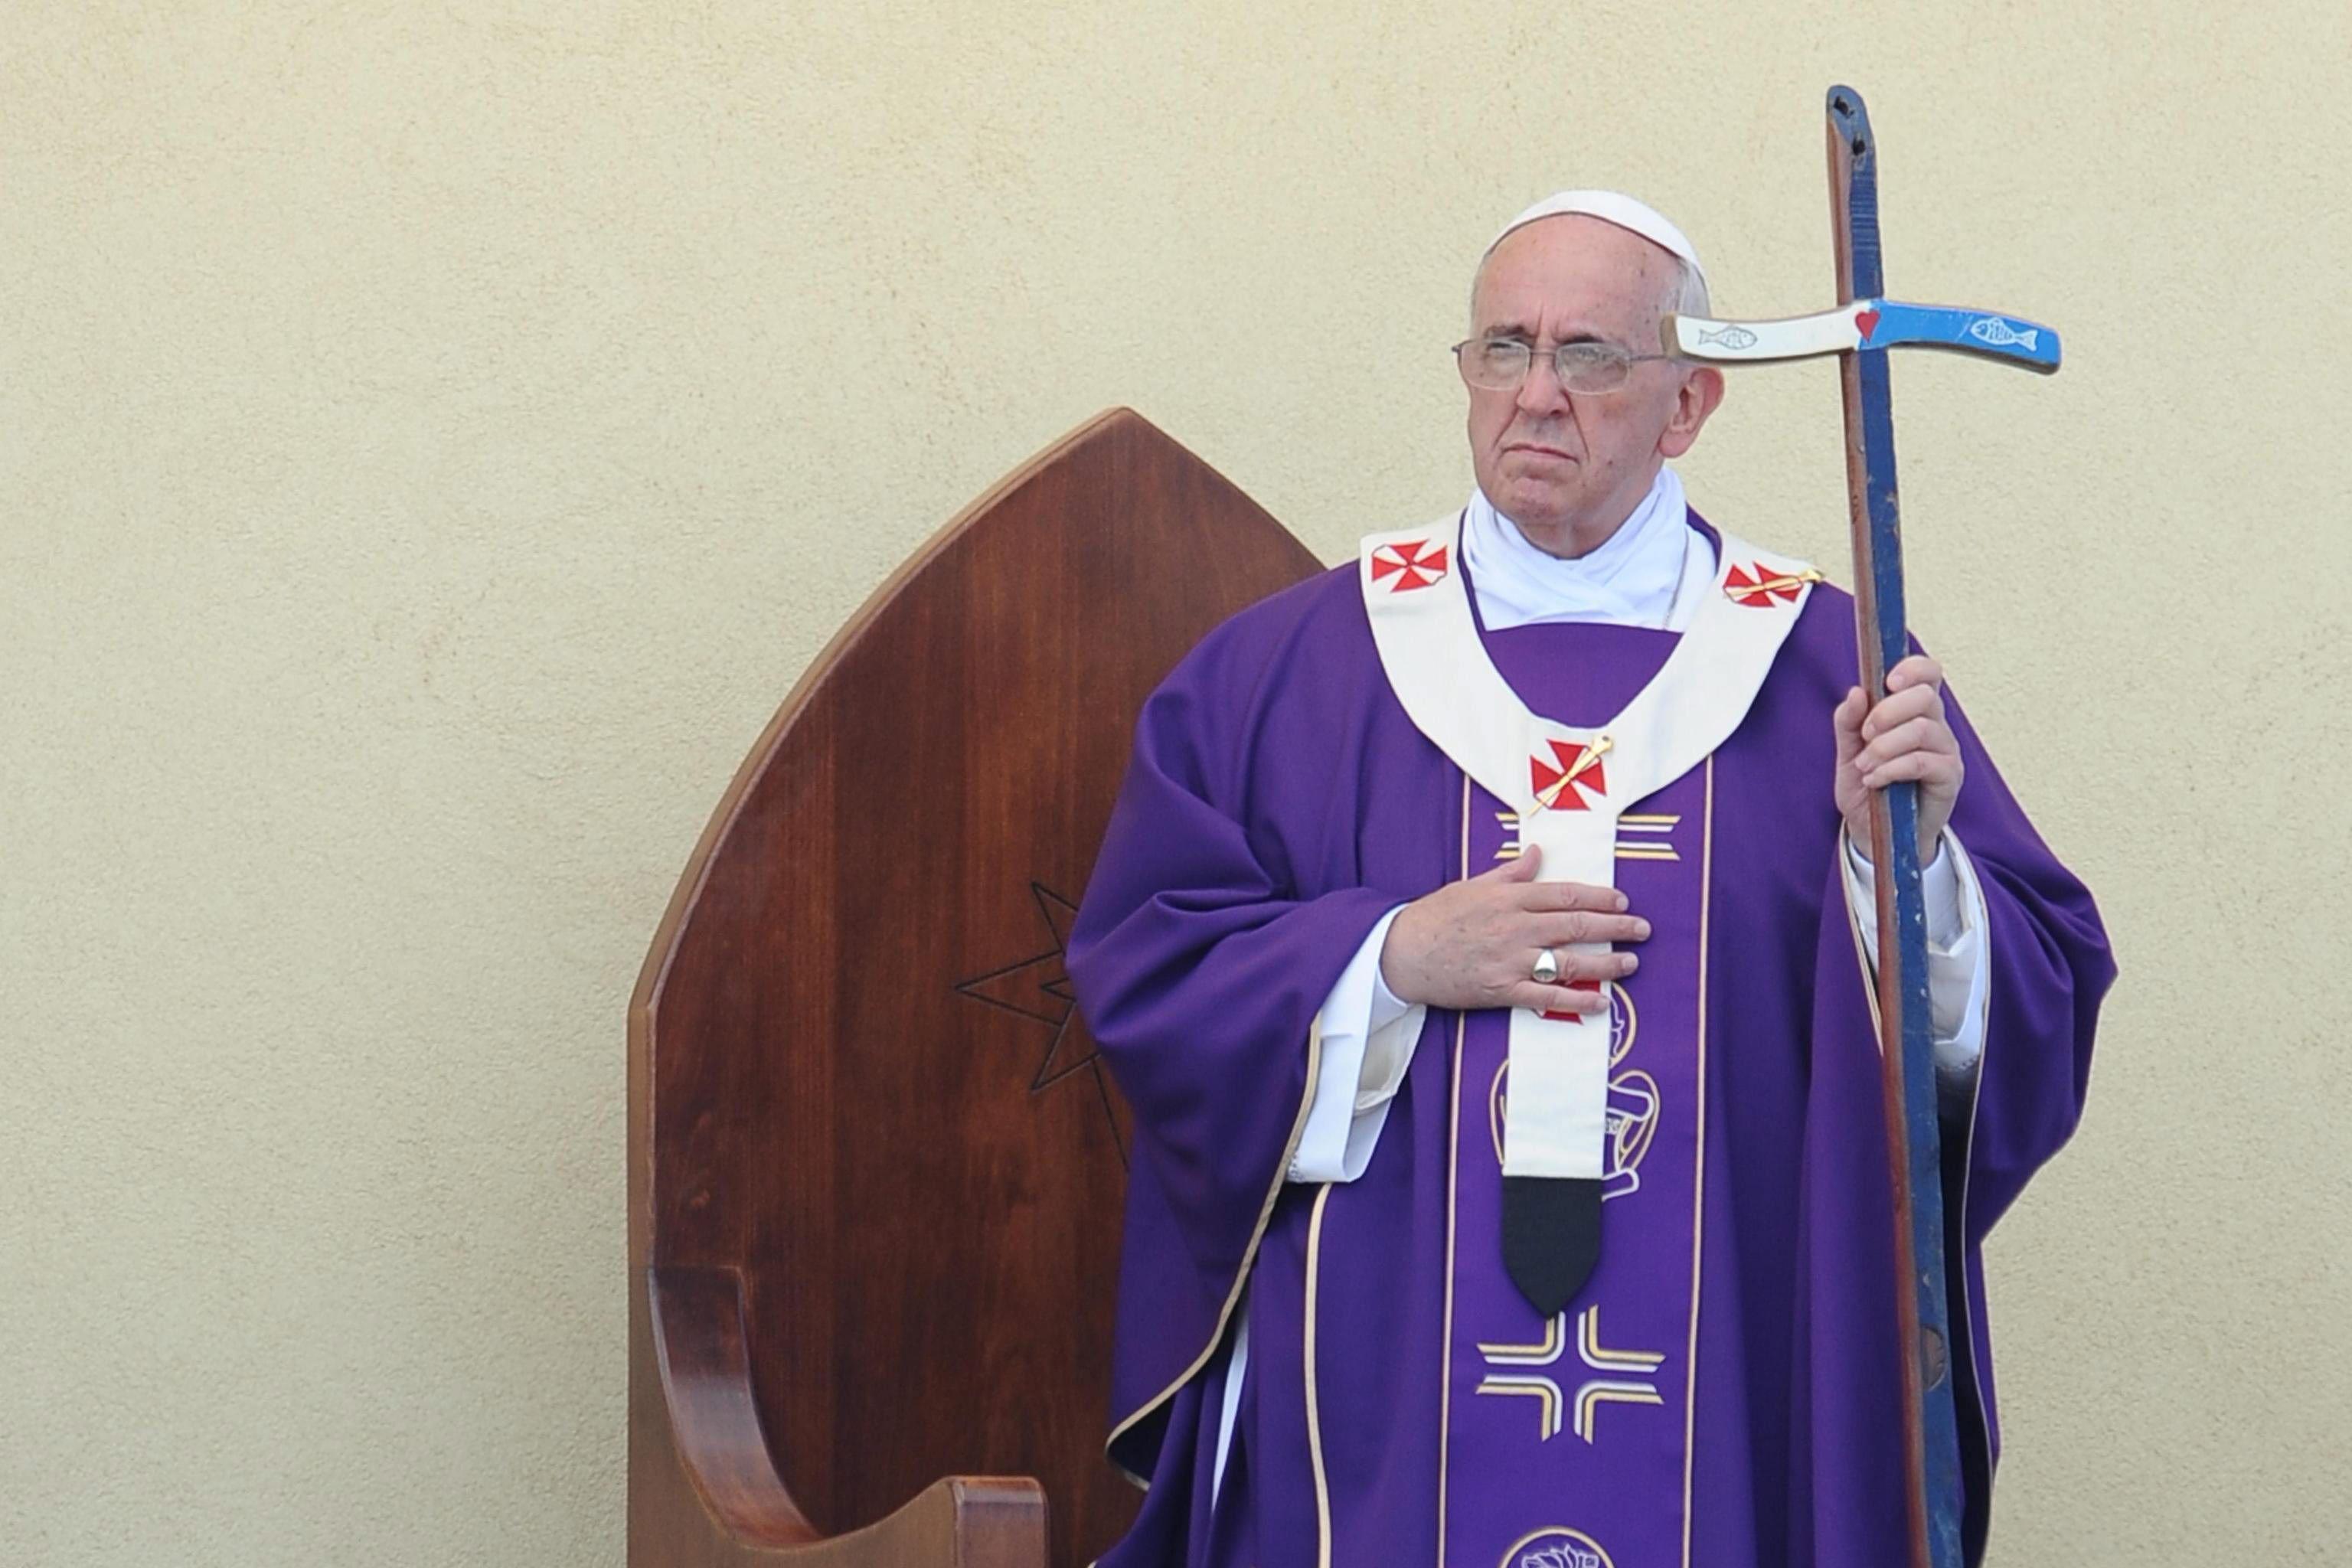 El papa Francisco crea una comisión para reformar la estructura económica de Santa Sede